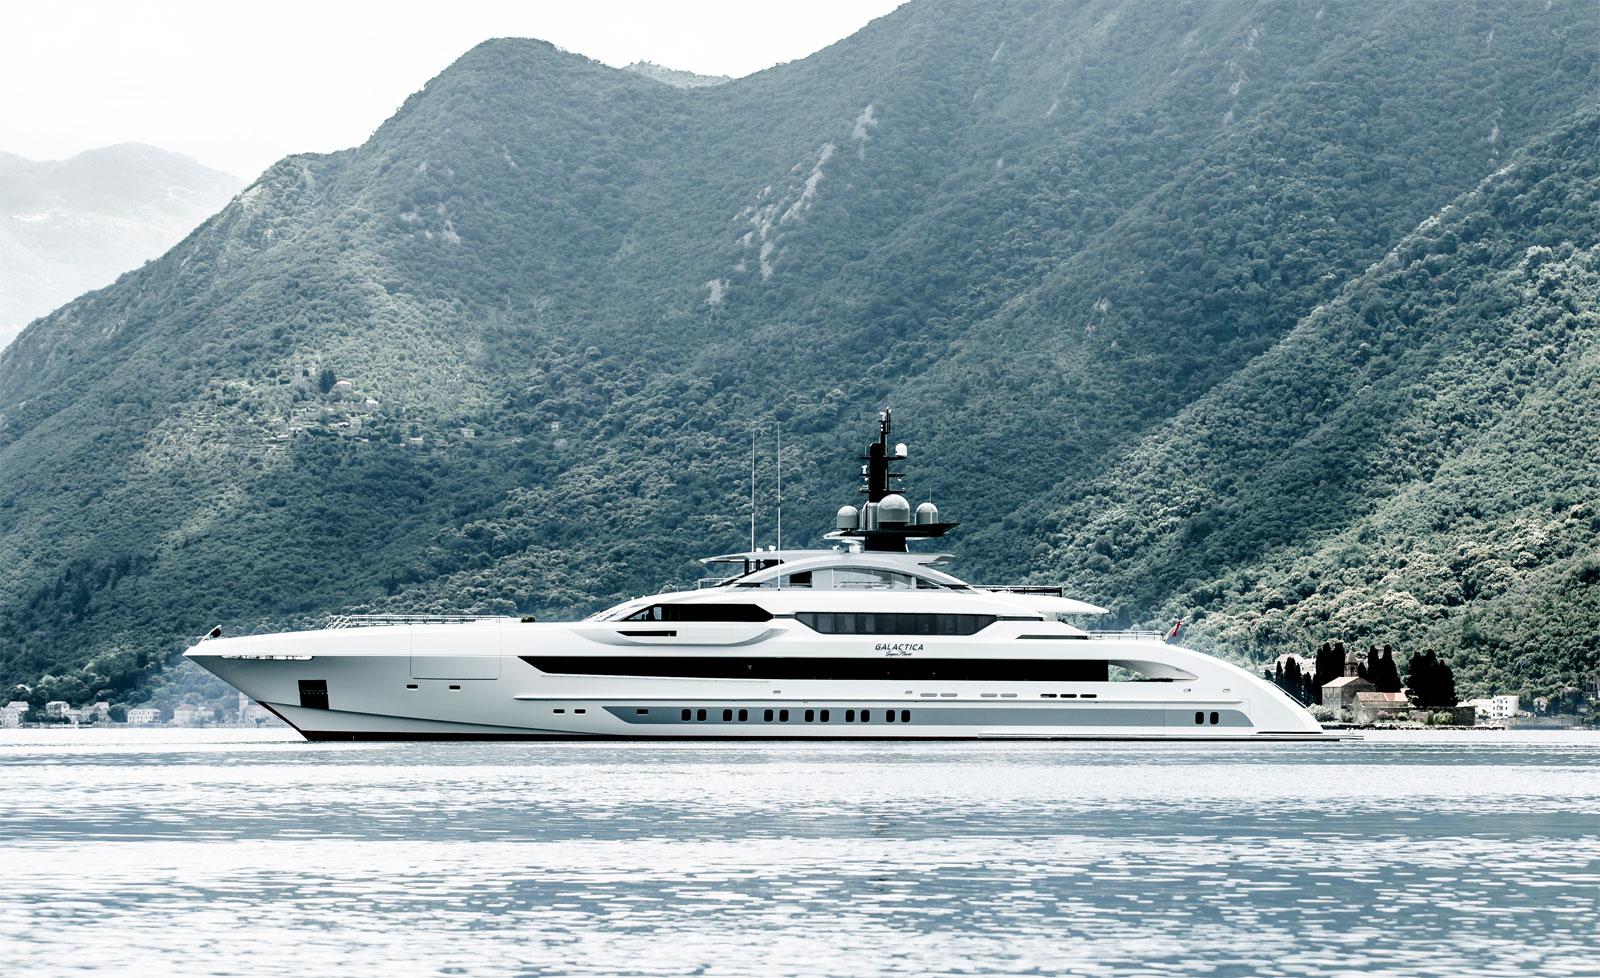 heesen-yachts-galactica-super-nova-in-monaco-5